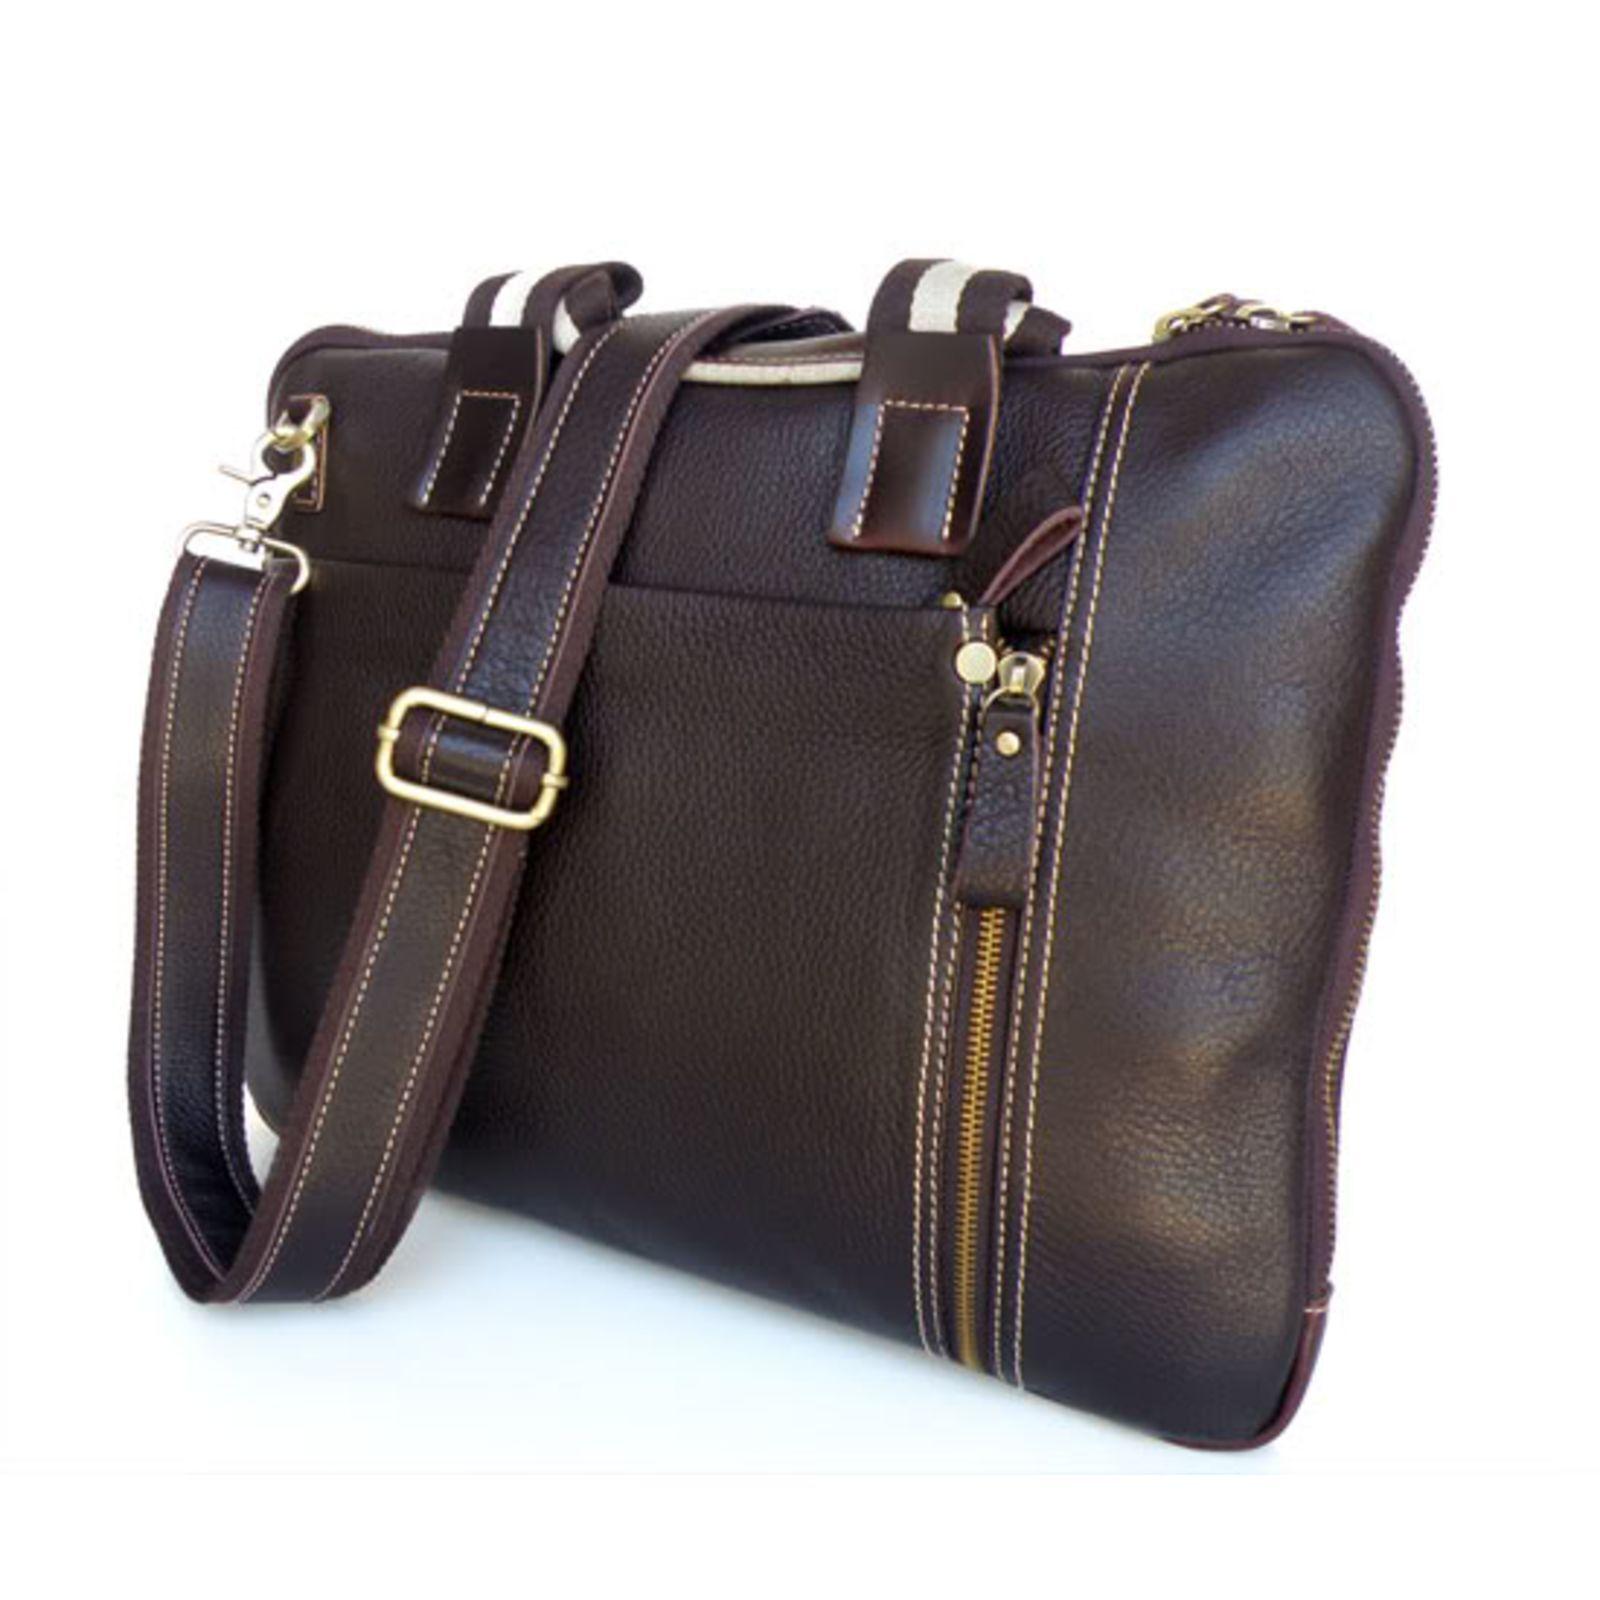 Delton Bags Sacoche pour ordinateur en cuir marron foncé